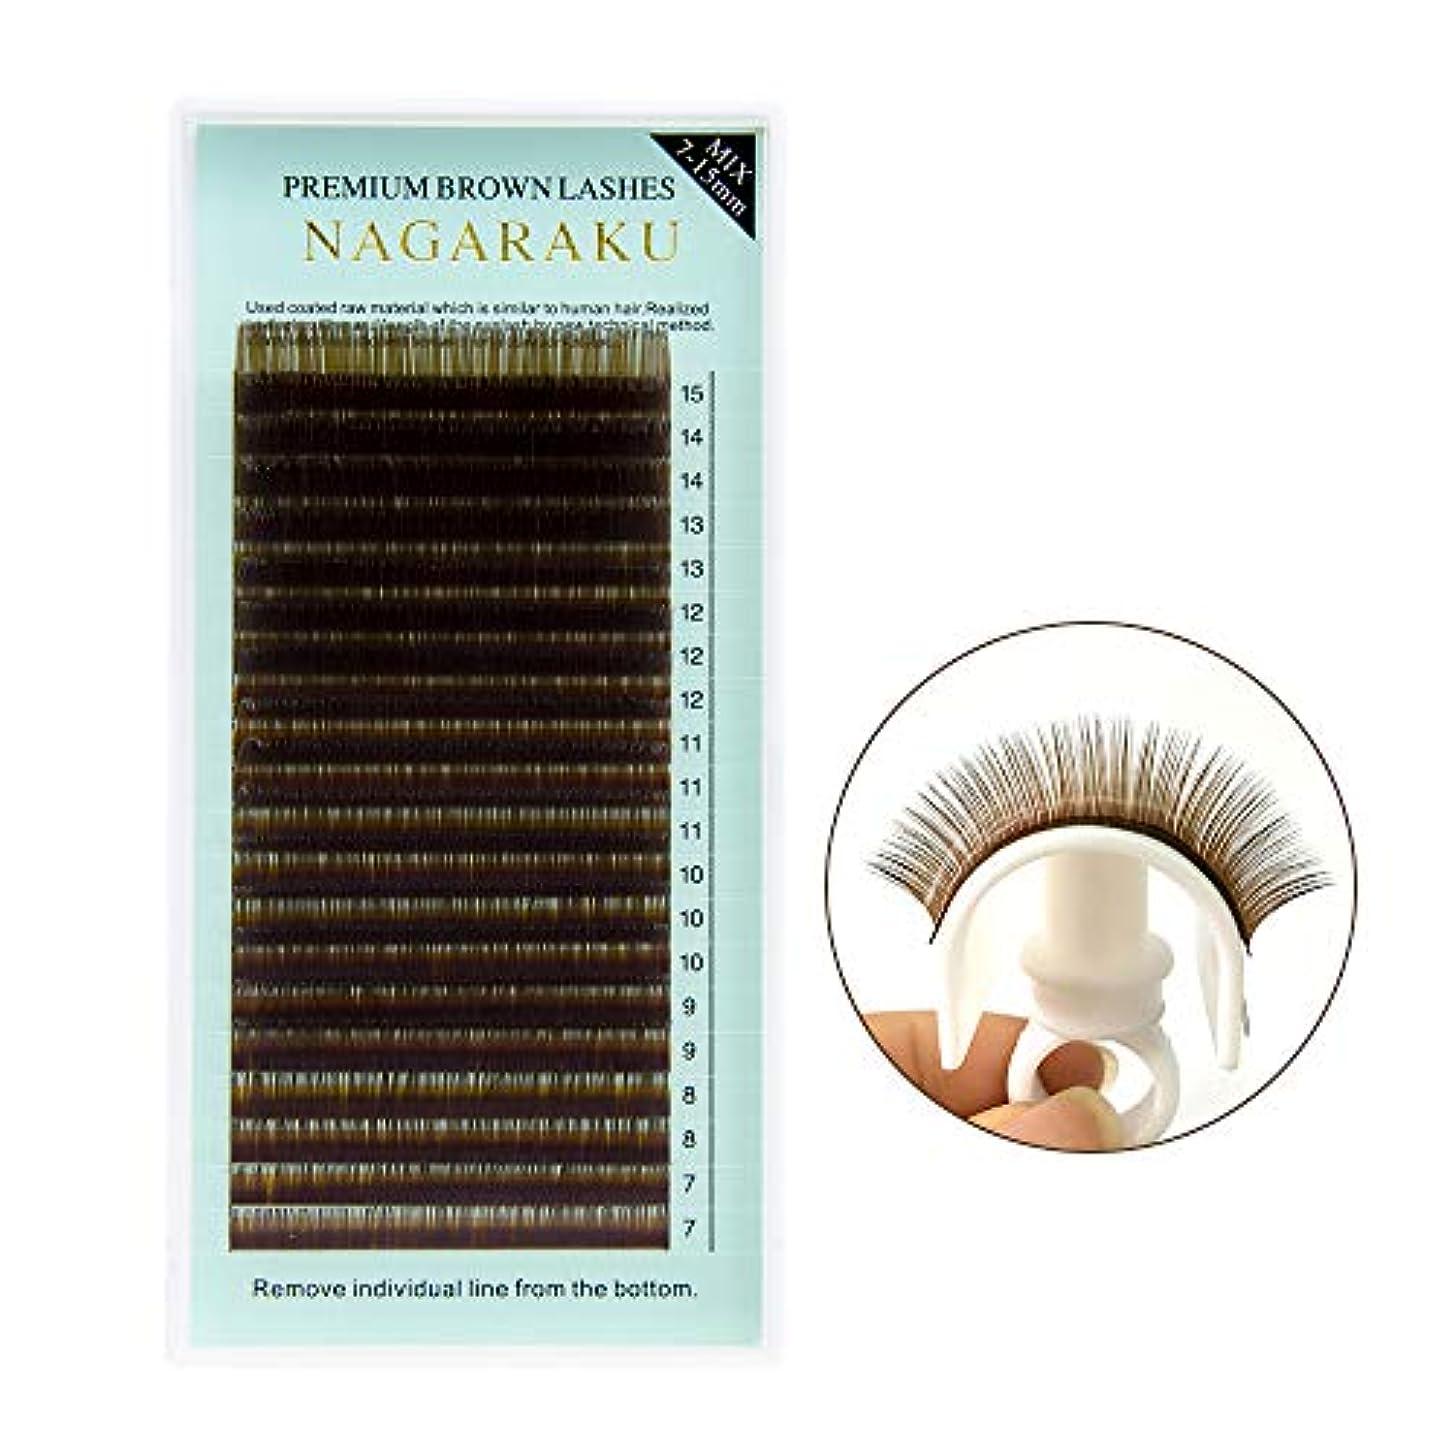 初期ラウズ寂しいNAGARAKU褐色ブラウン20列まつげエクステ混合長さミックスマツエク柔らかい自然なアイラッシュ(0.15 D Mix)